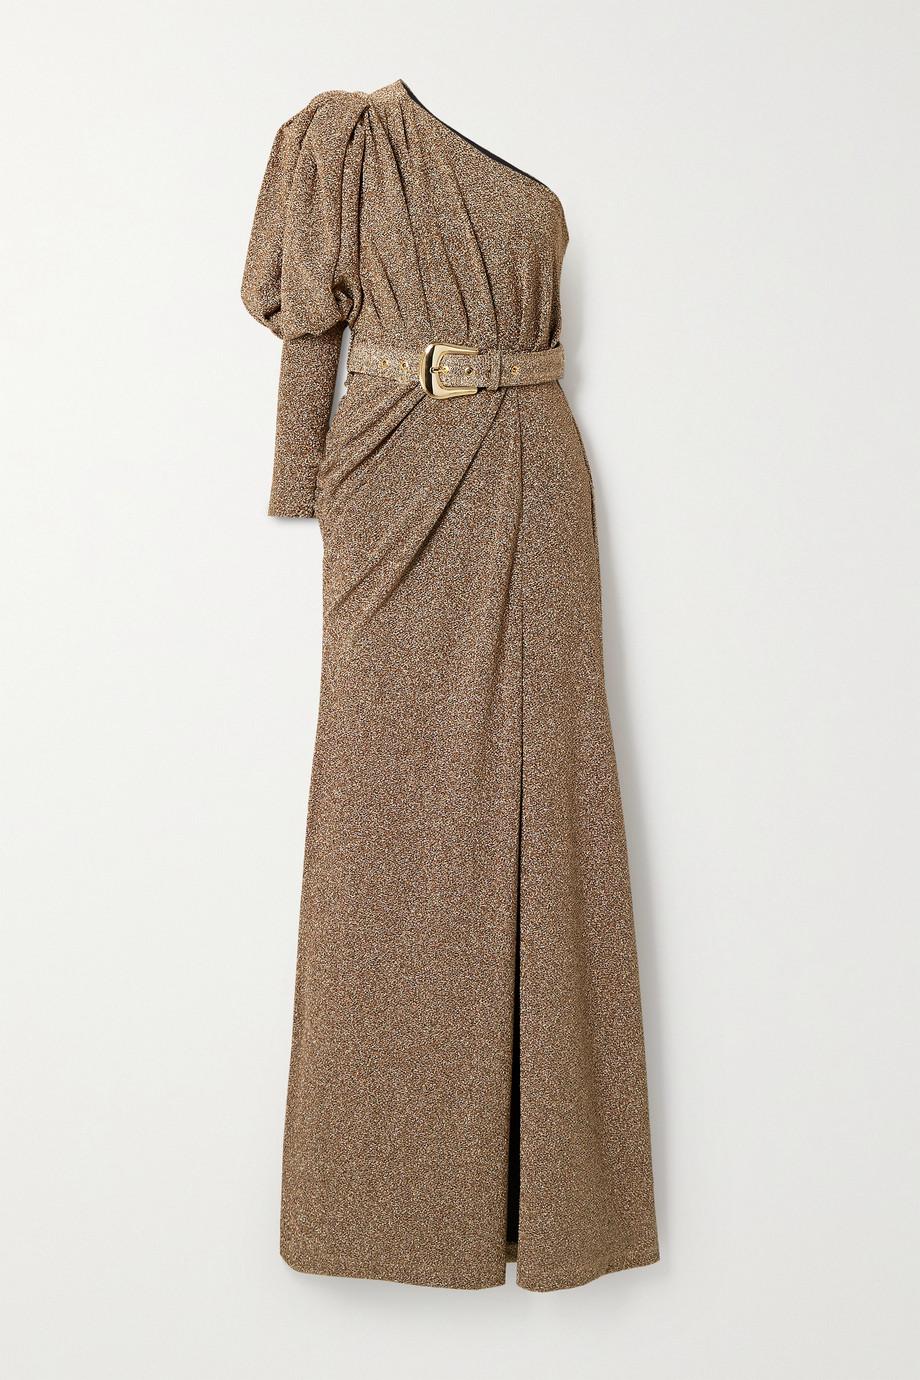 PatBO Geraffte Robe aus Lurex® mit Gürtel und asymmetrischer Schulterpartie